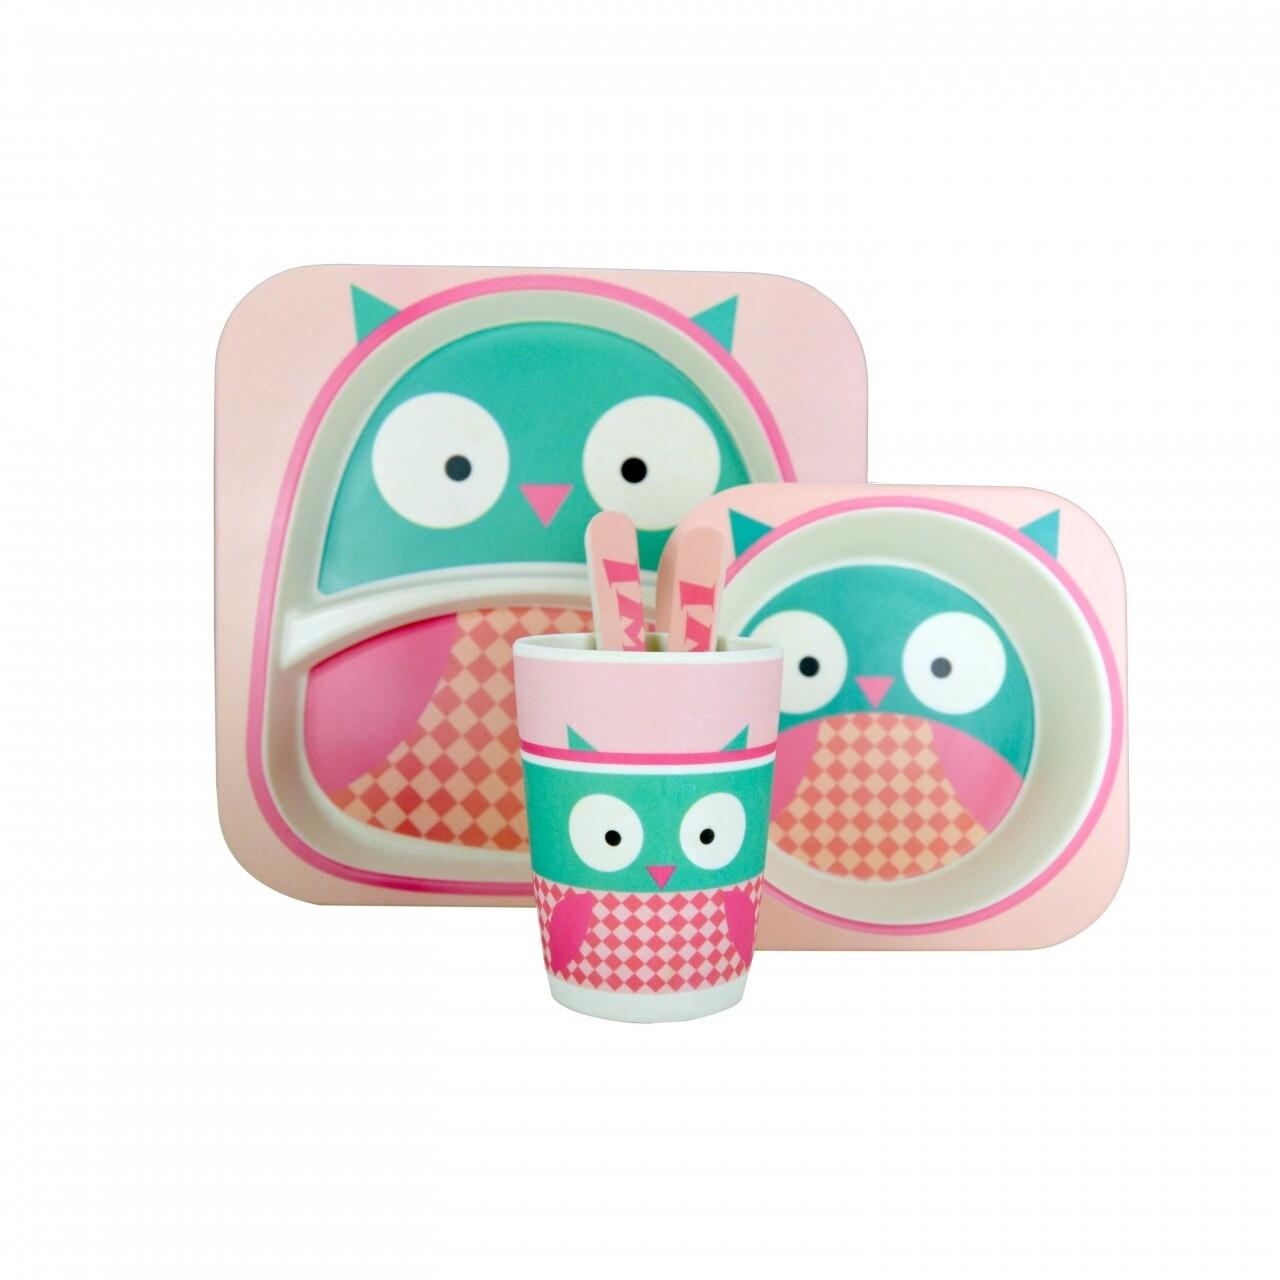 Set de masa pentru copii Owl, Jocca, 10 x 23 x 25.5 cm, 100% bambus, multicolor